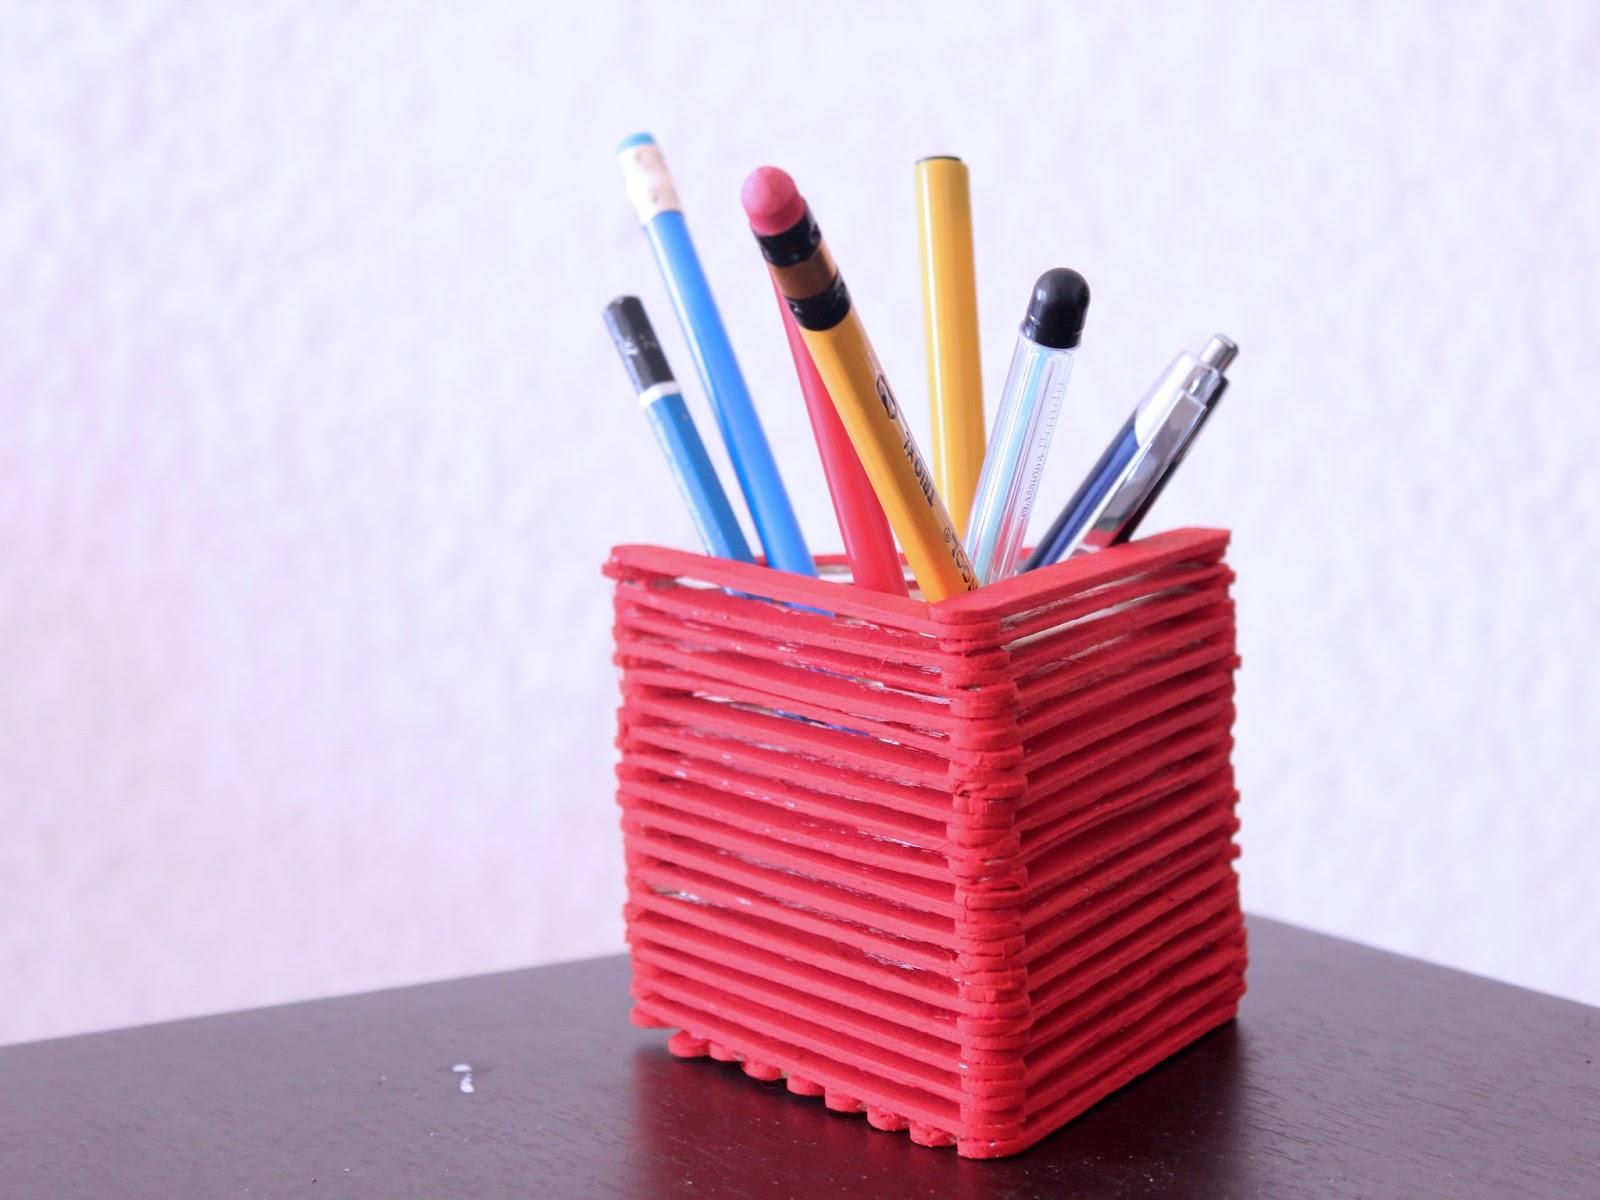 Informasi: Cara Membuat Tempat Pensil Dari Stik Es Krim